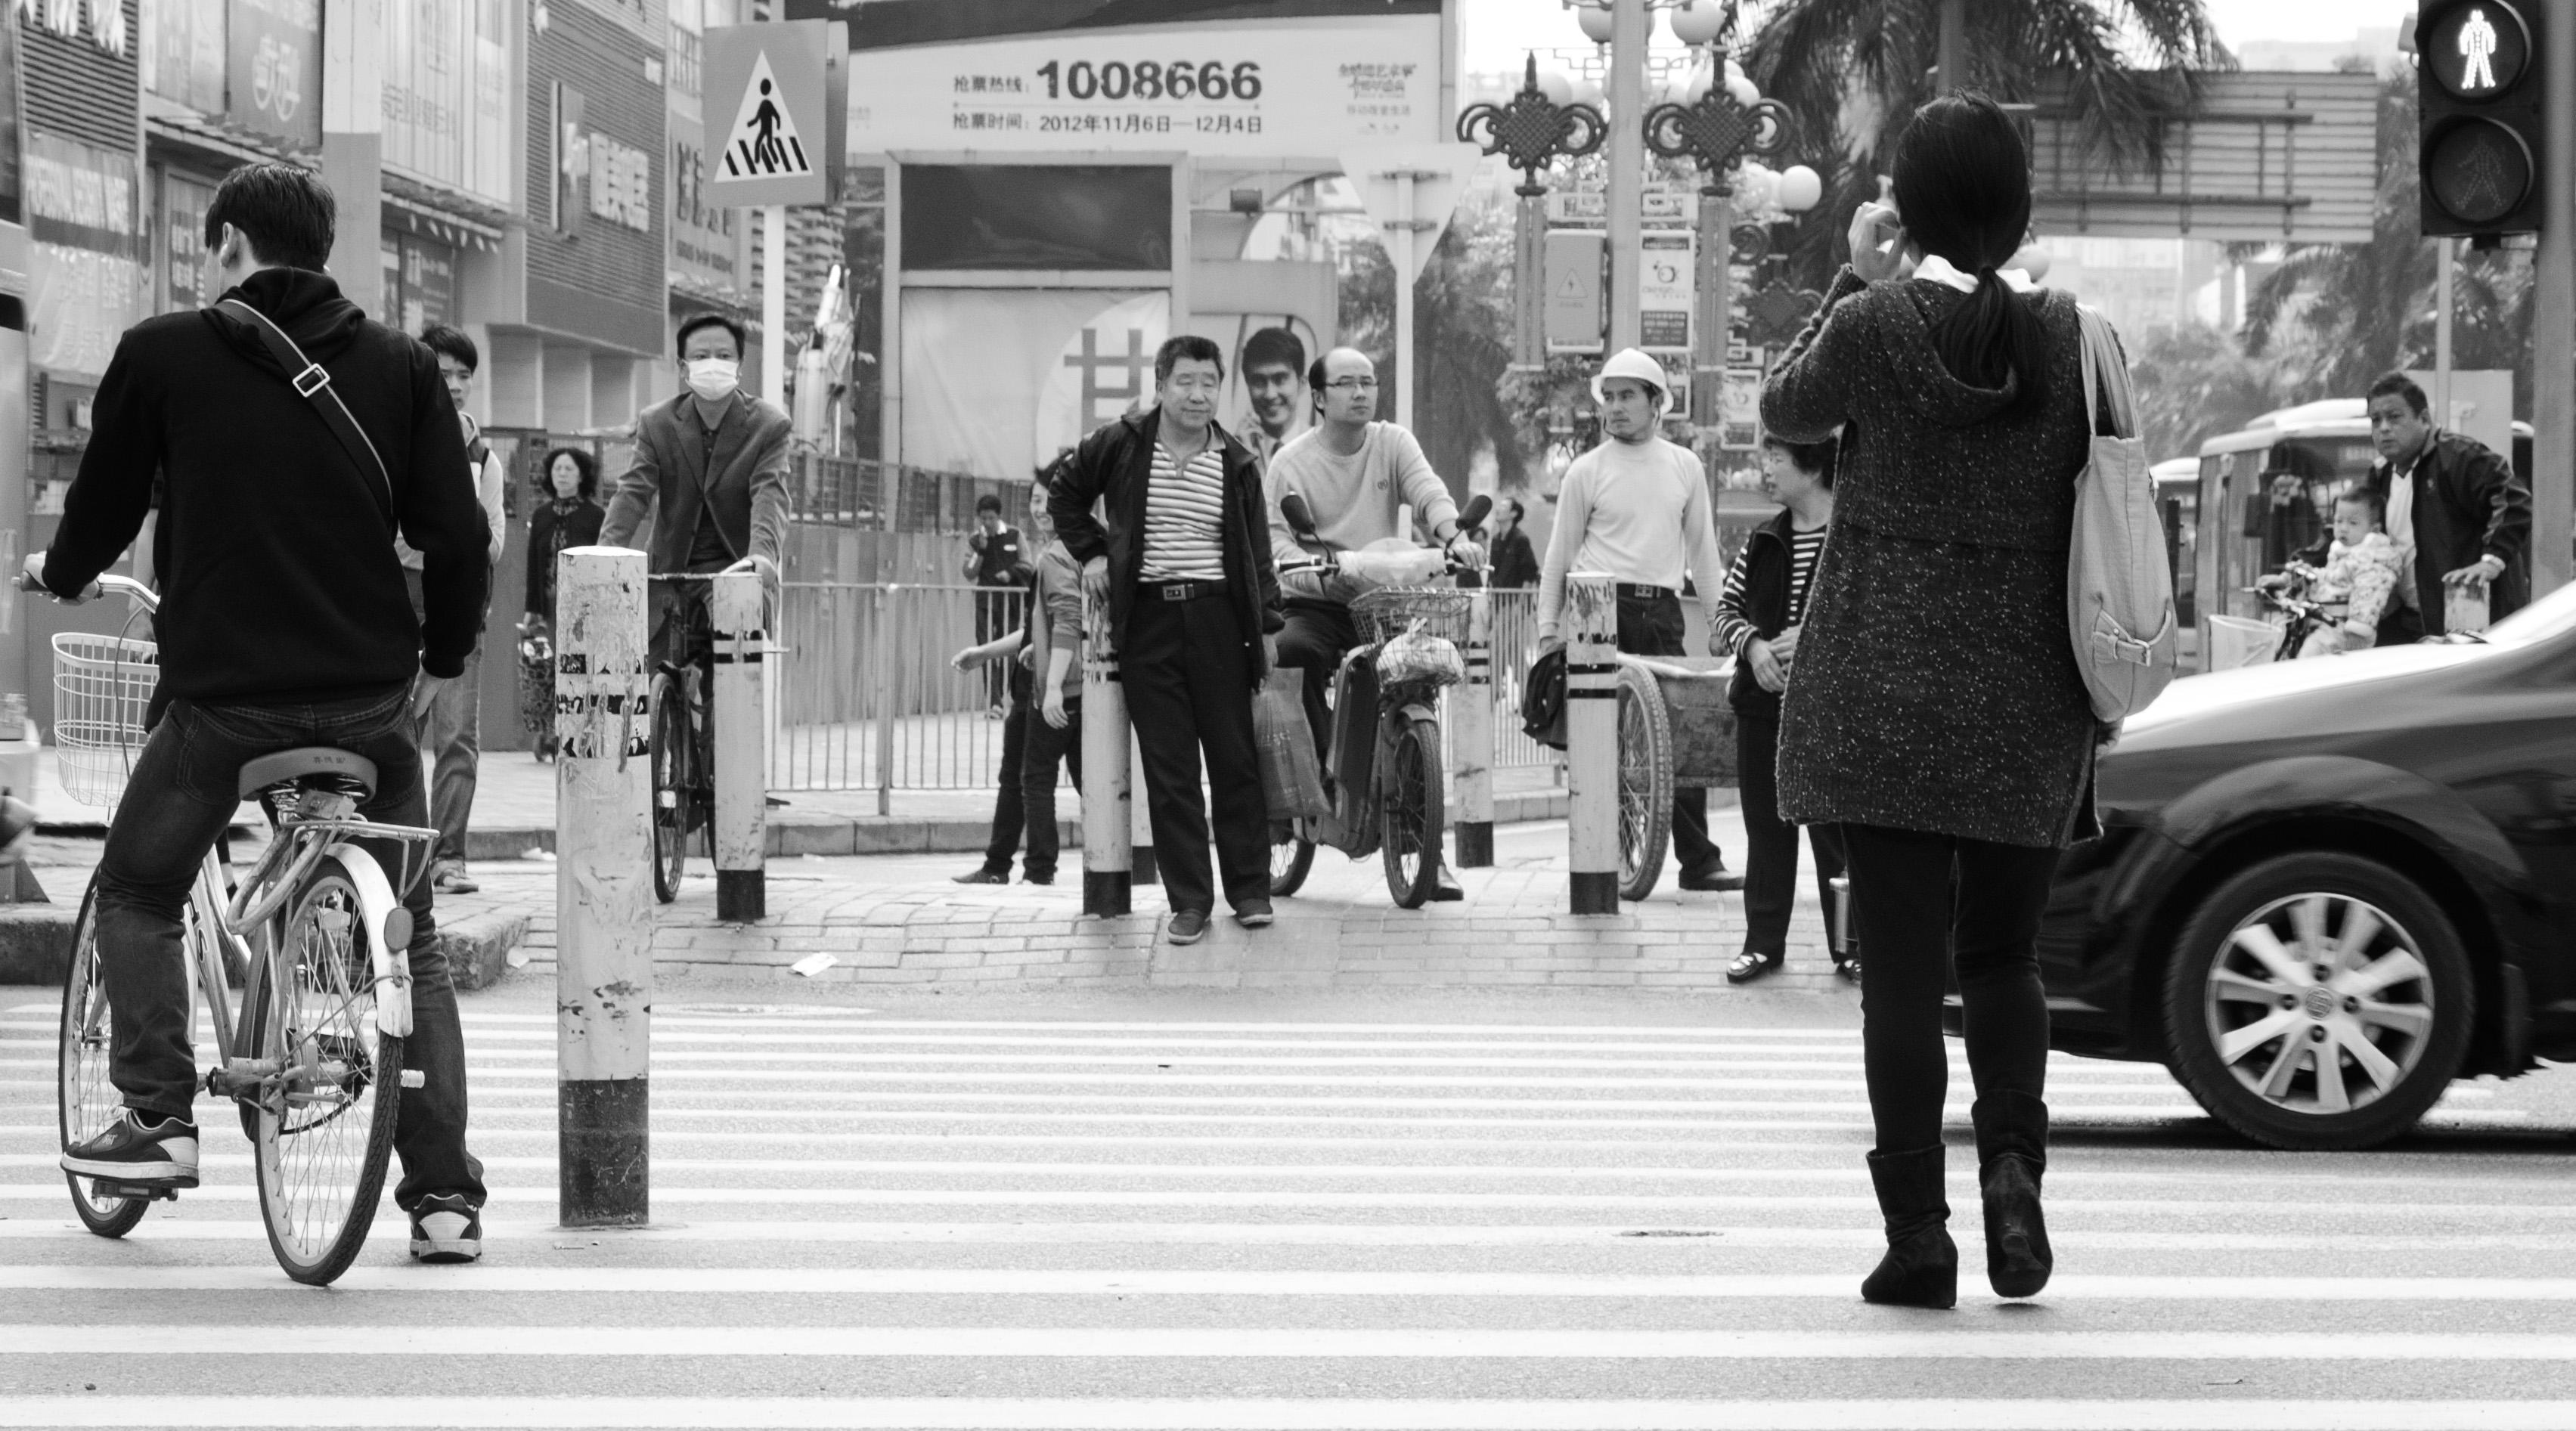 1008666 2012 Shenzhen